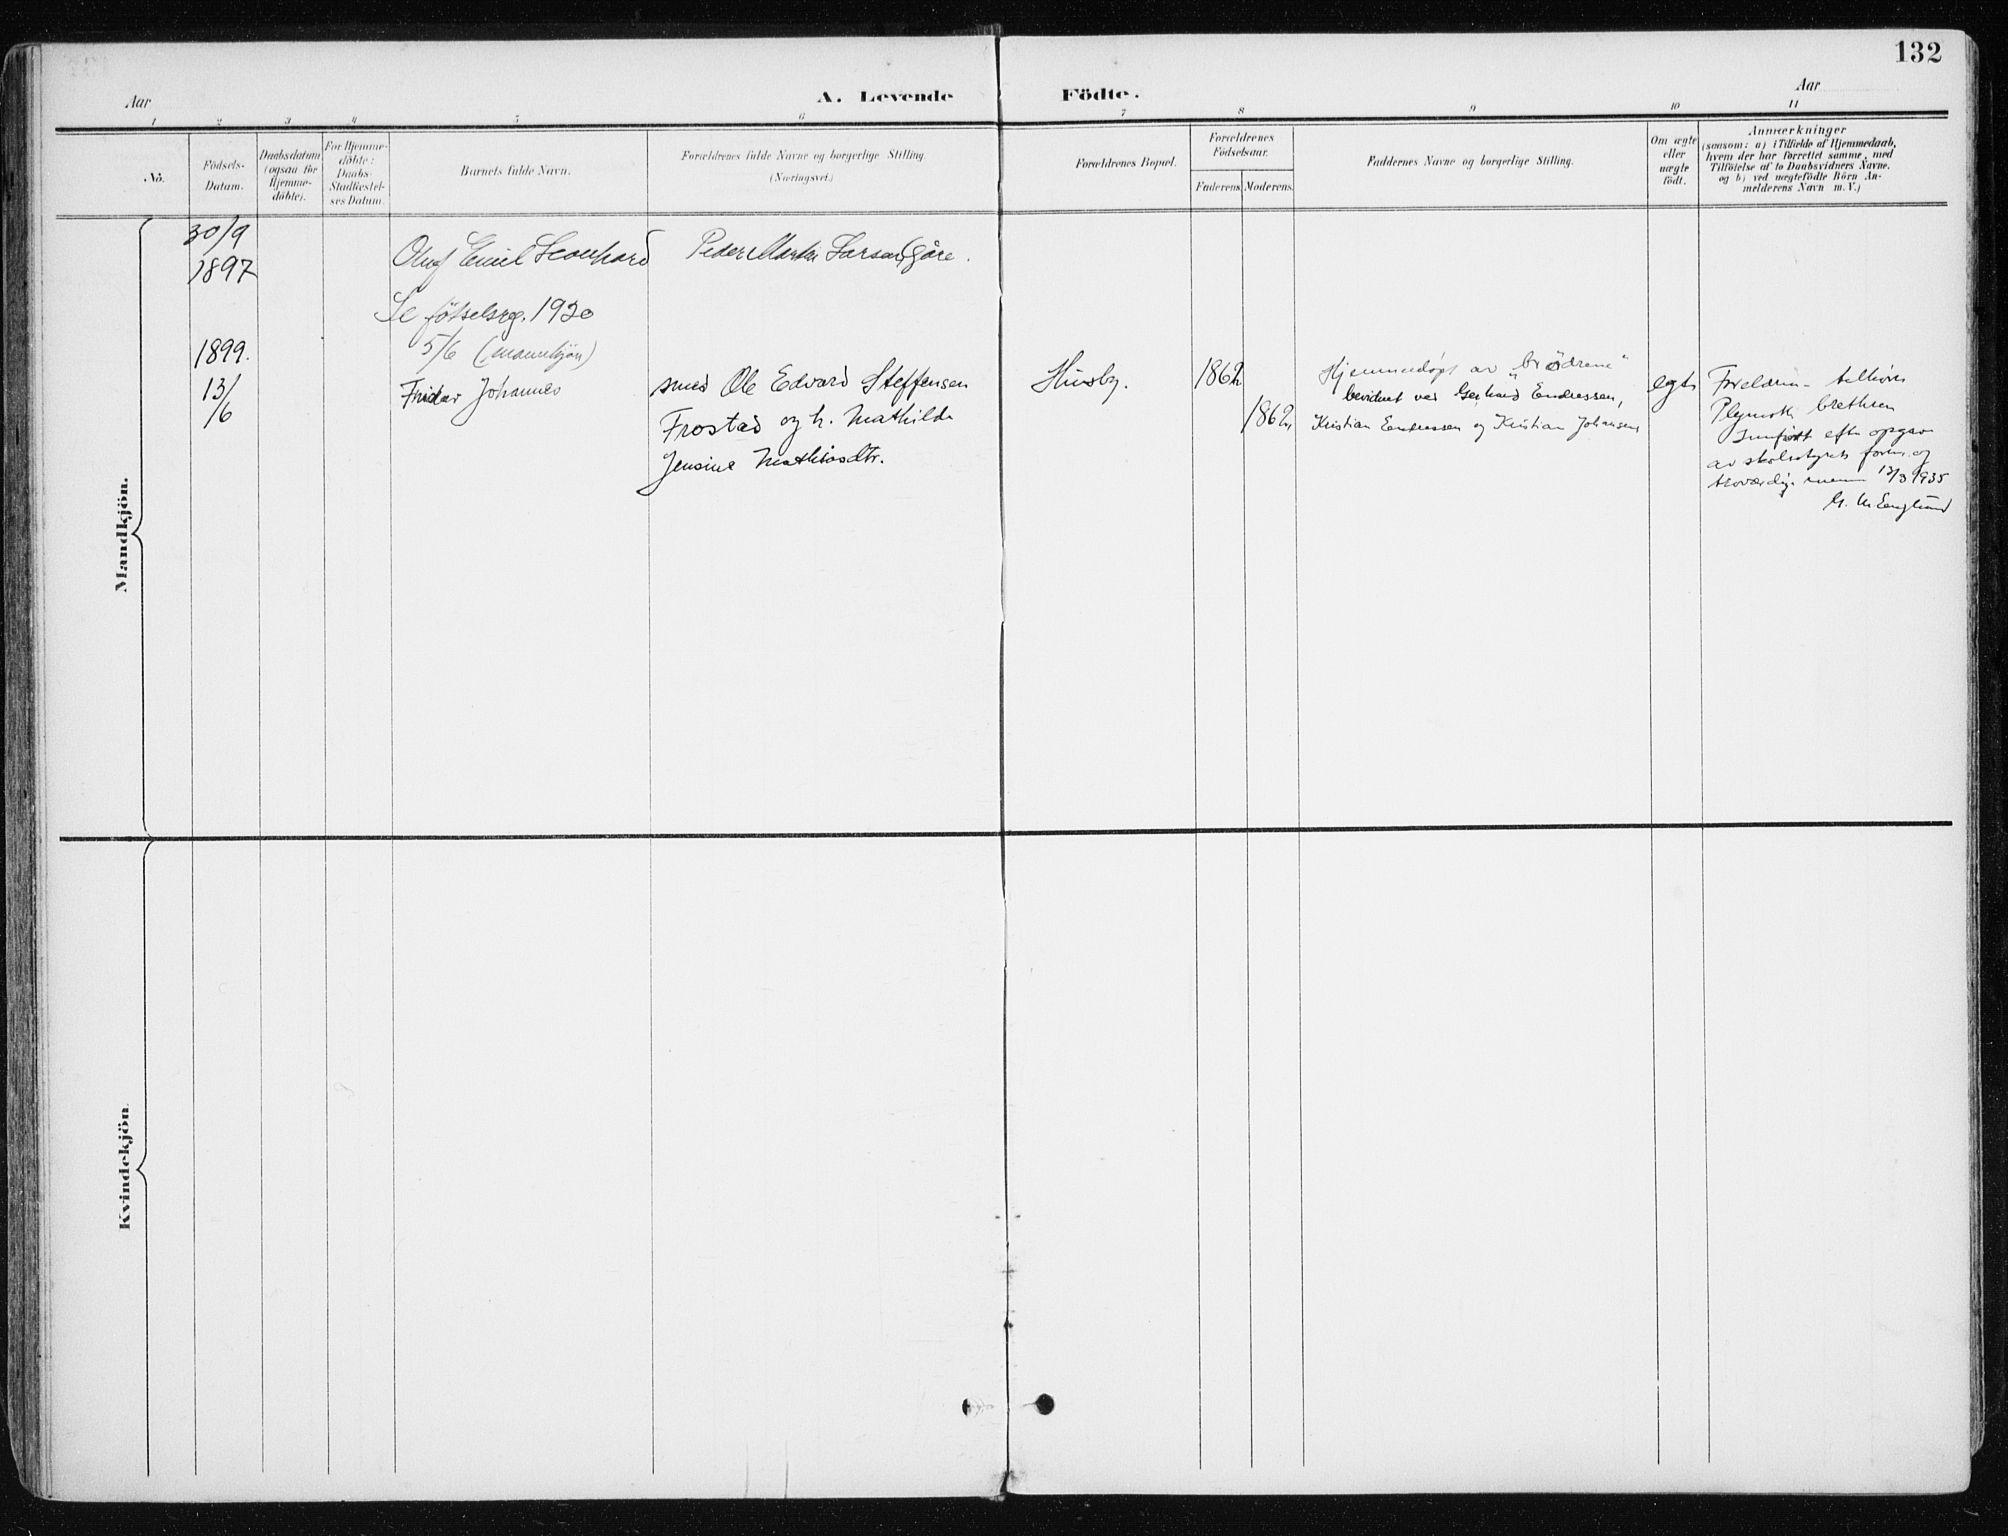 SATØ, Kvæfjord sokneprestkontor, G/Ga/Gaa/L0006kirke: Ministerialbok nr. 6, 1895-1914, s. 132